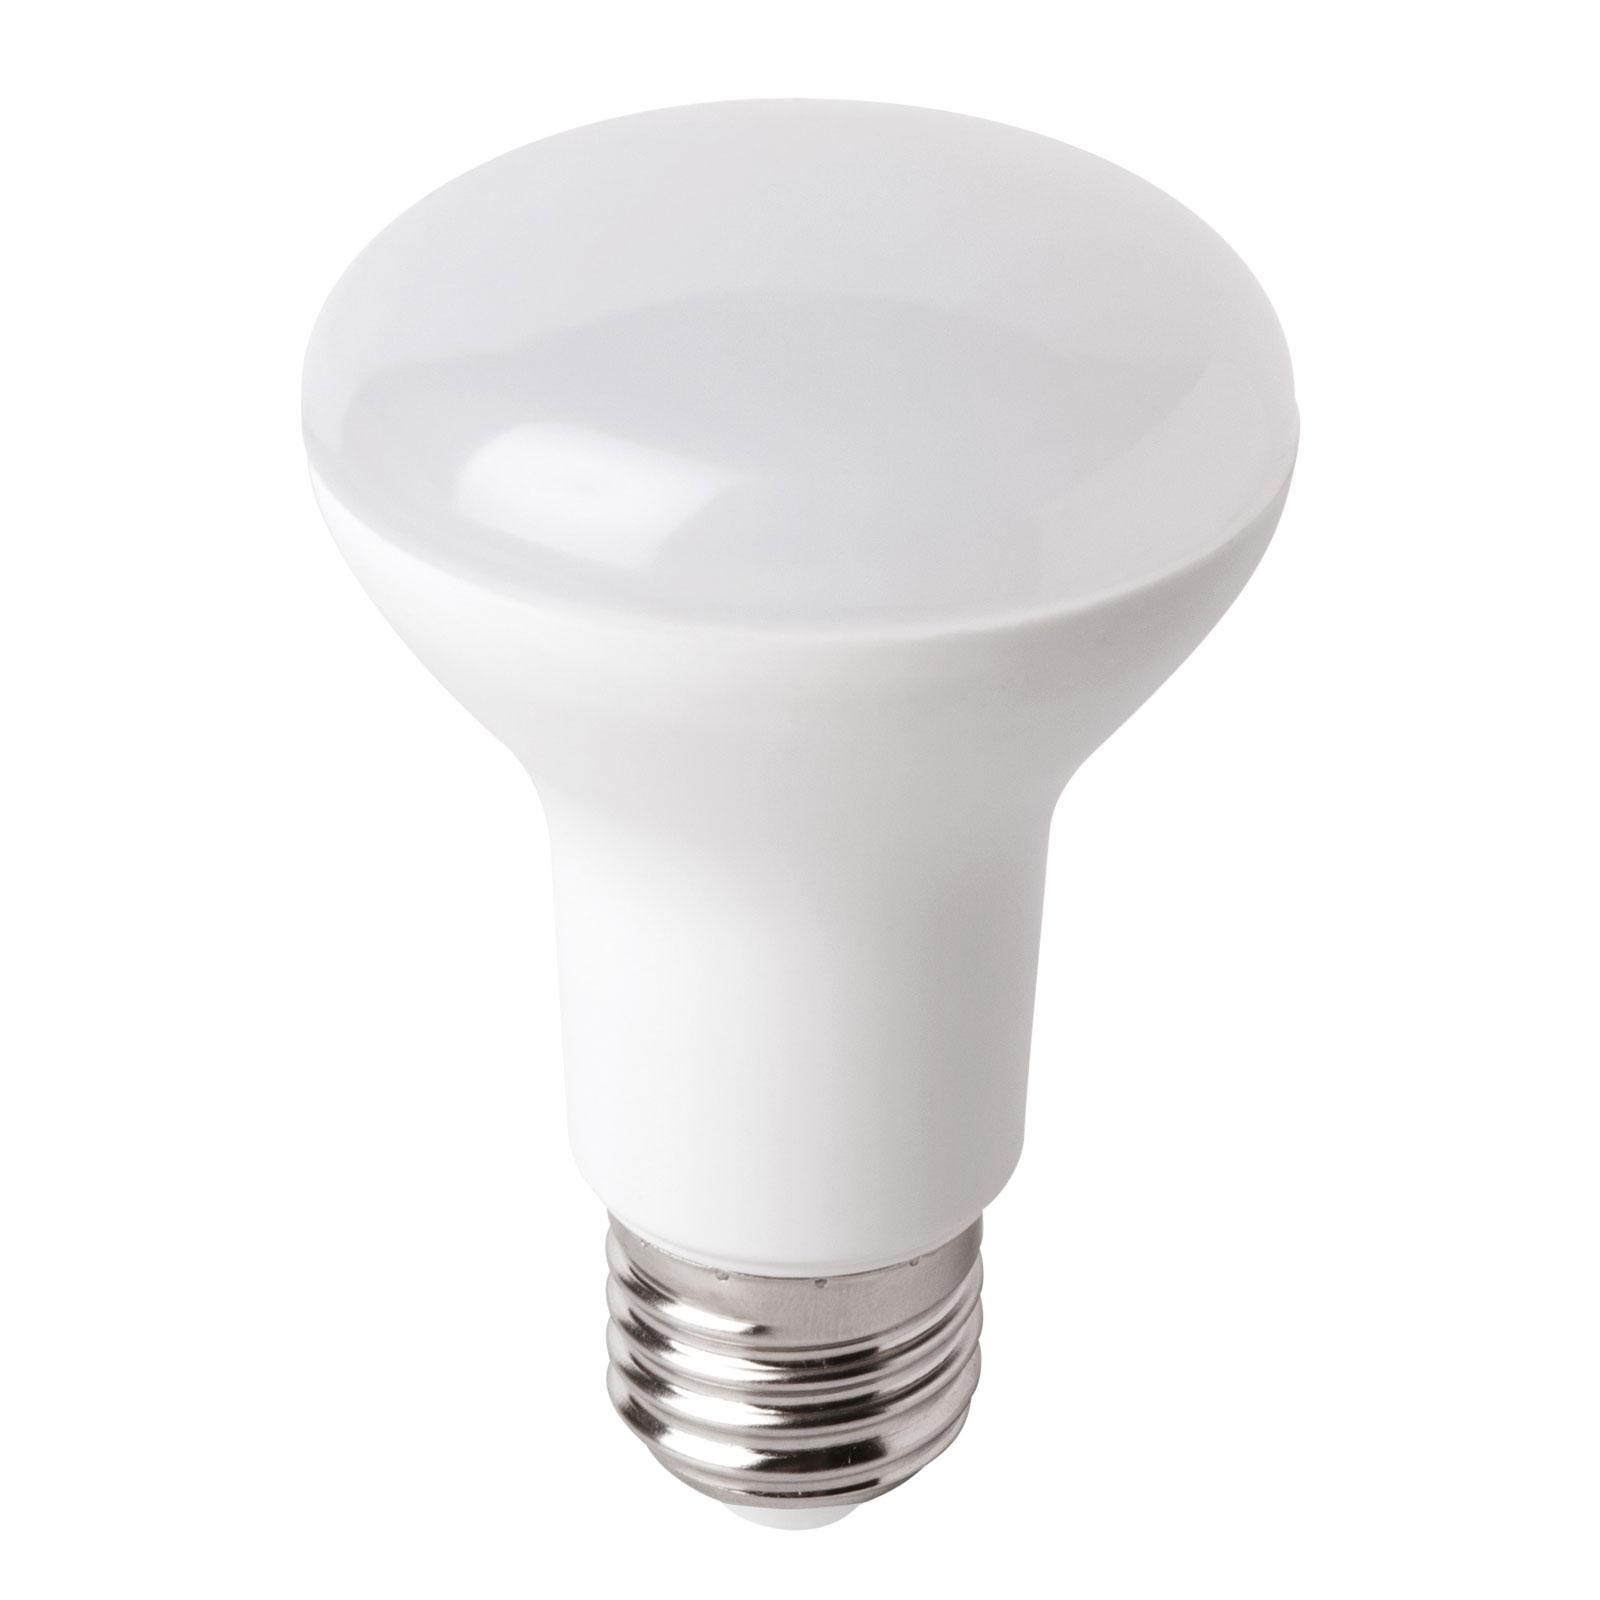 Riflettore LED E27 R63 7,5W, bianco caldo